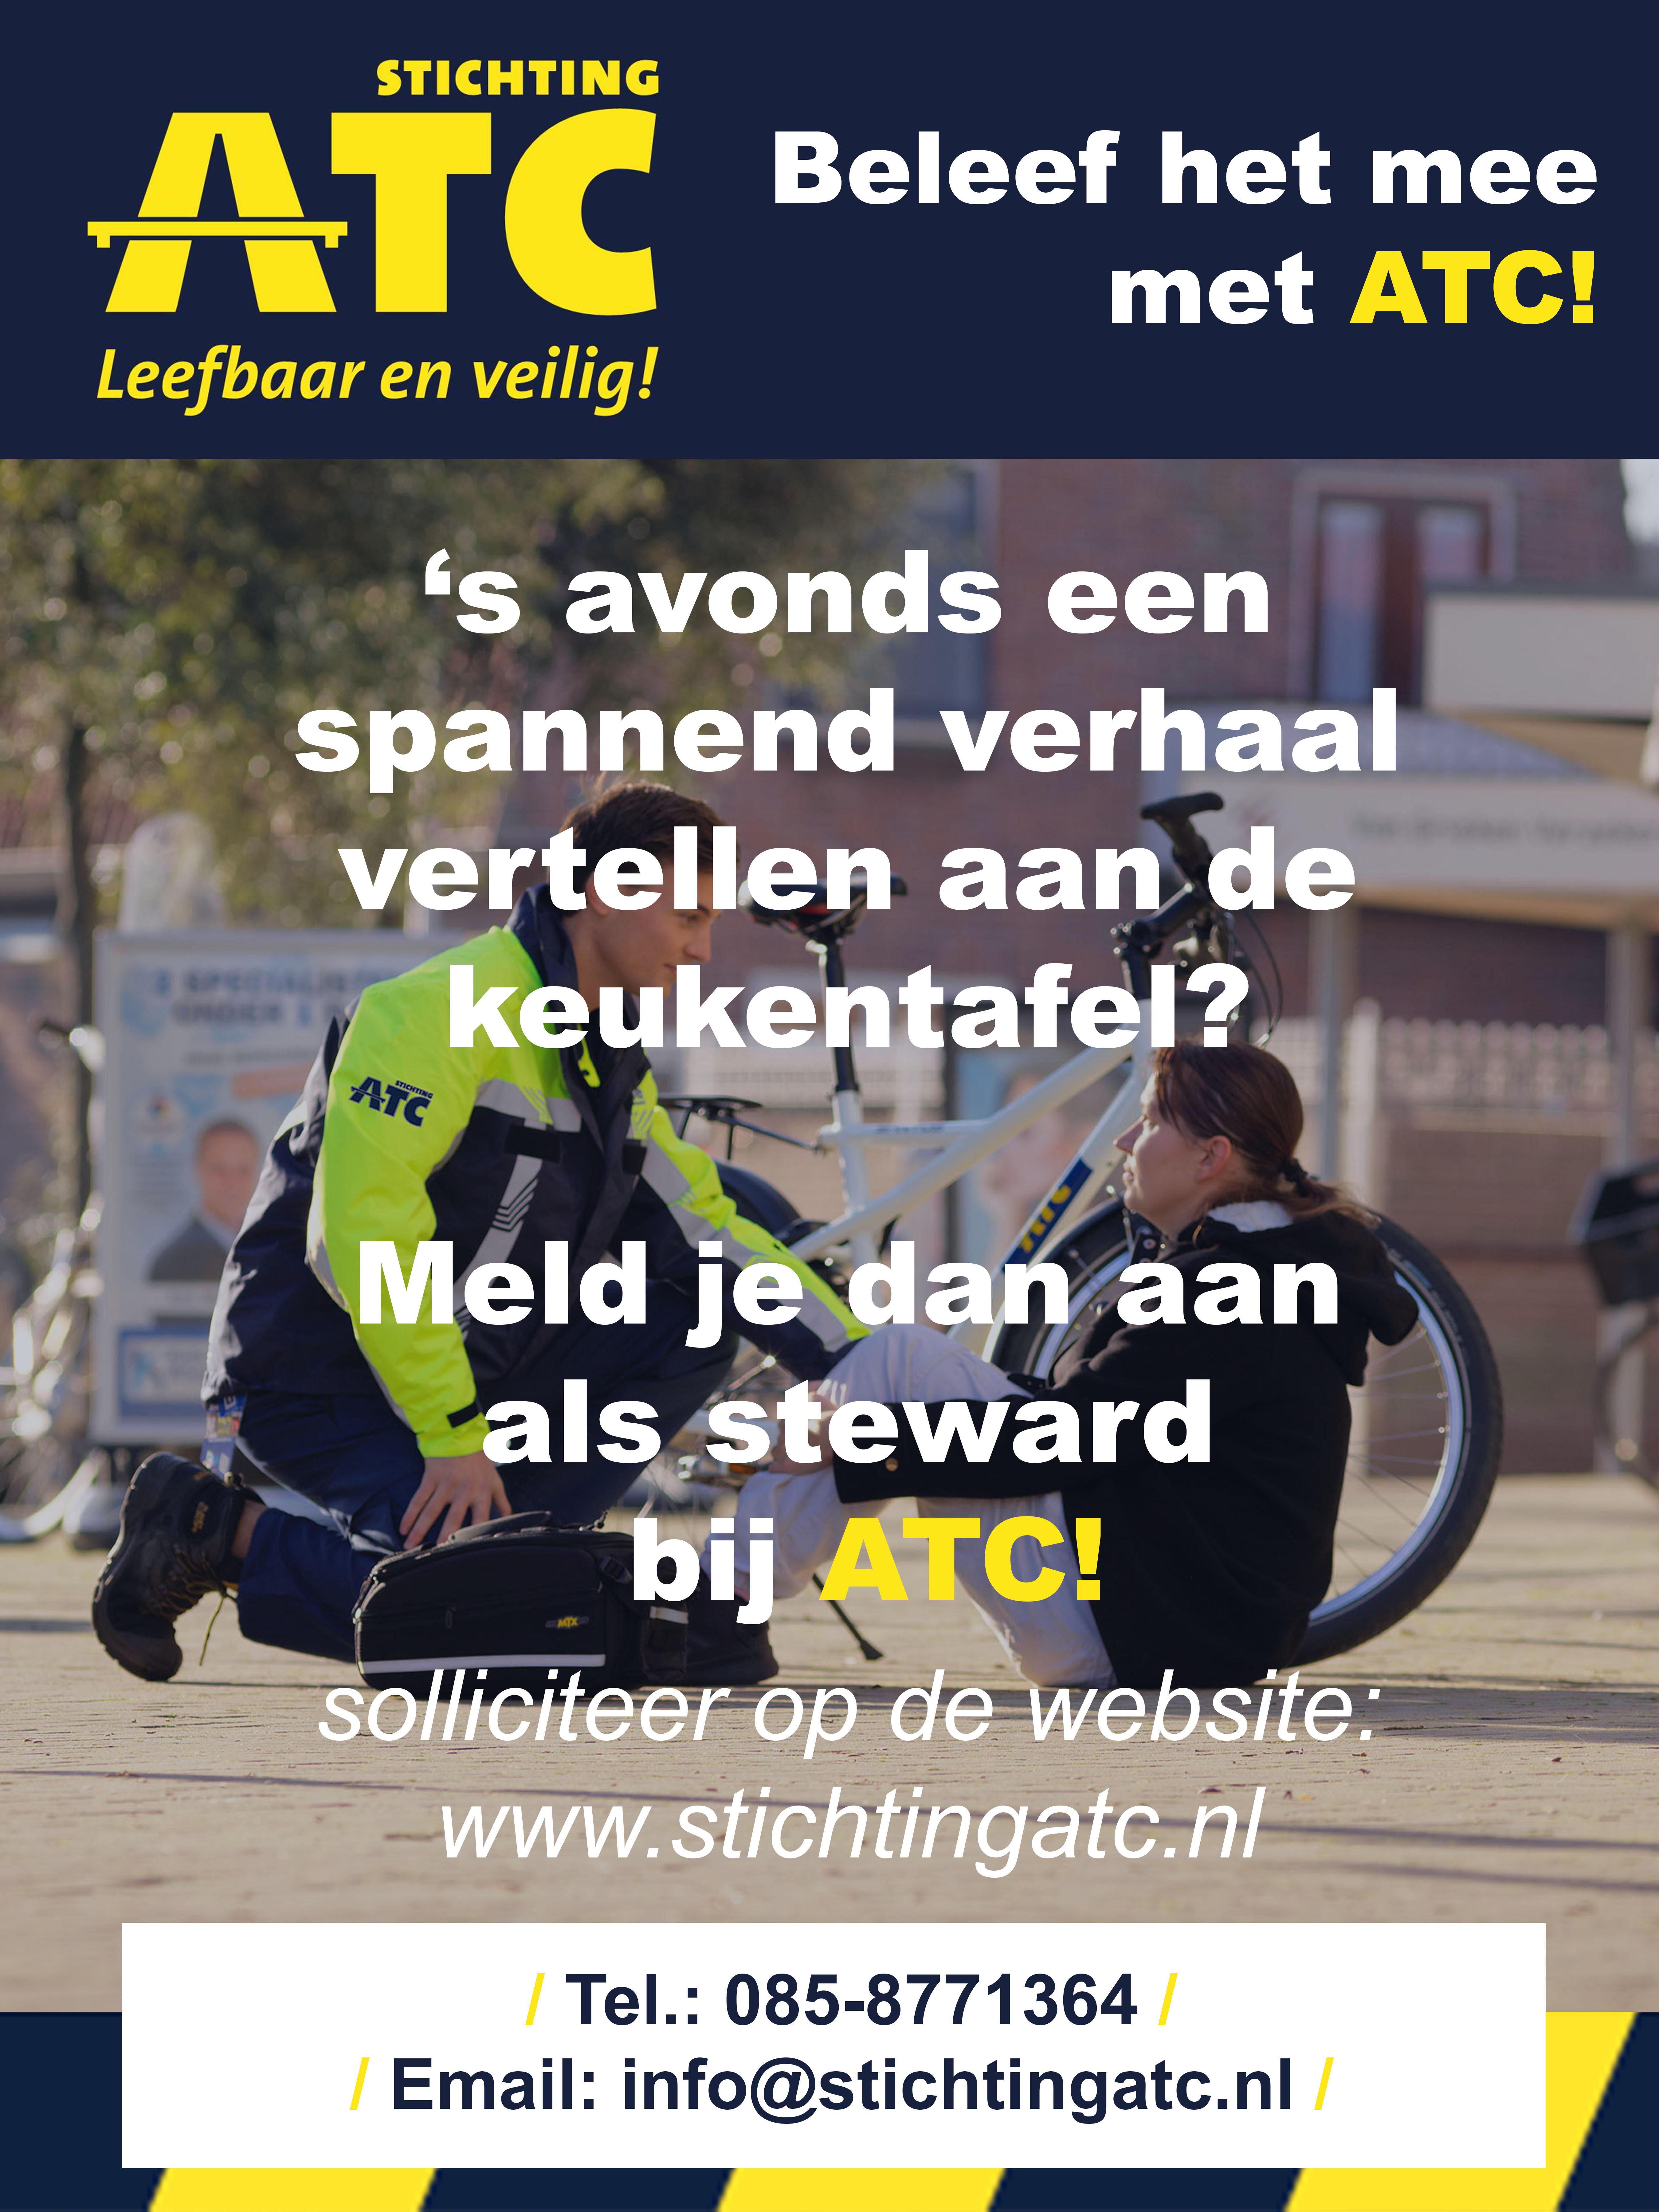 ATC ad 1 (steward)